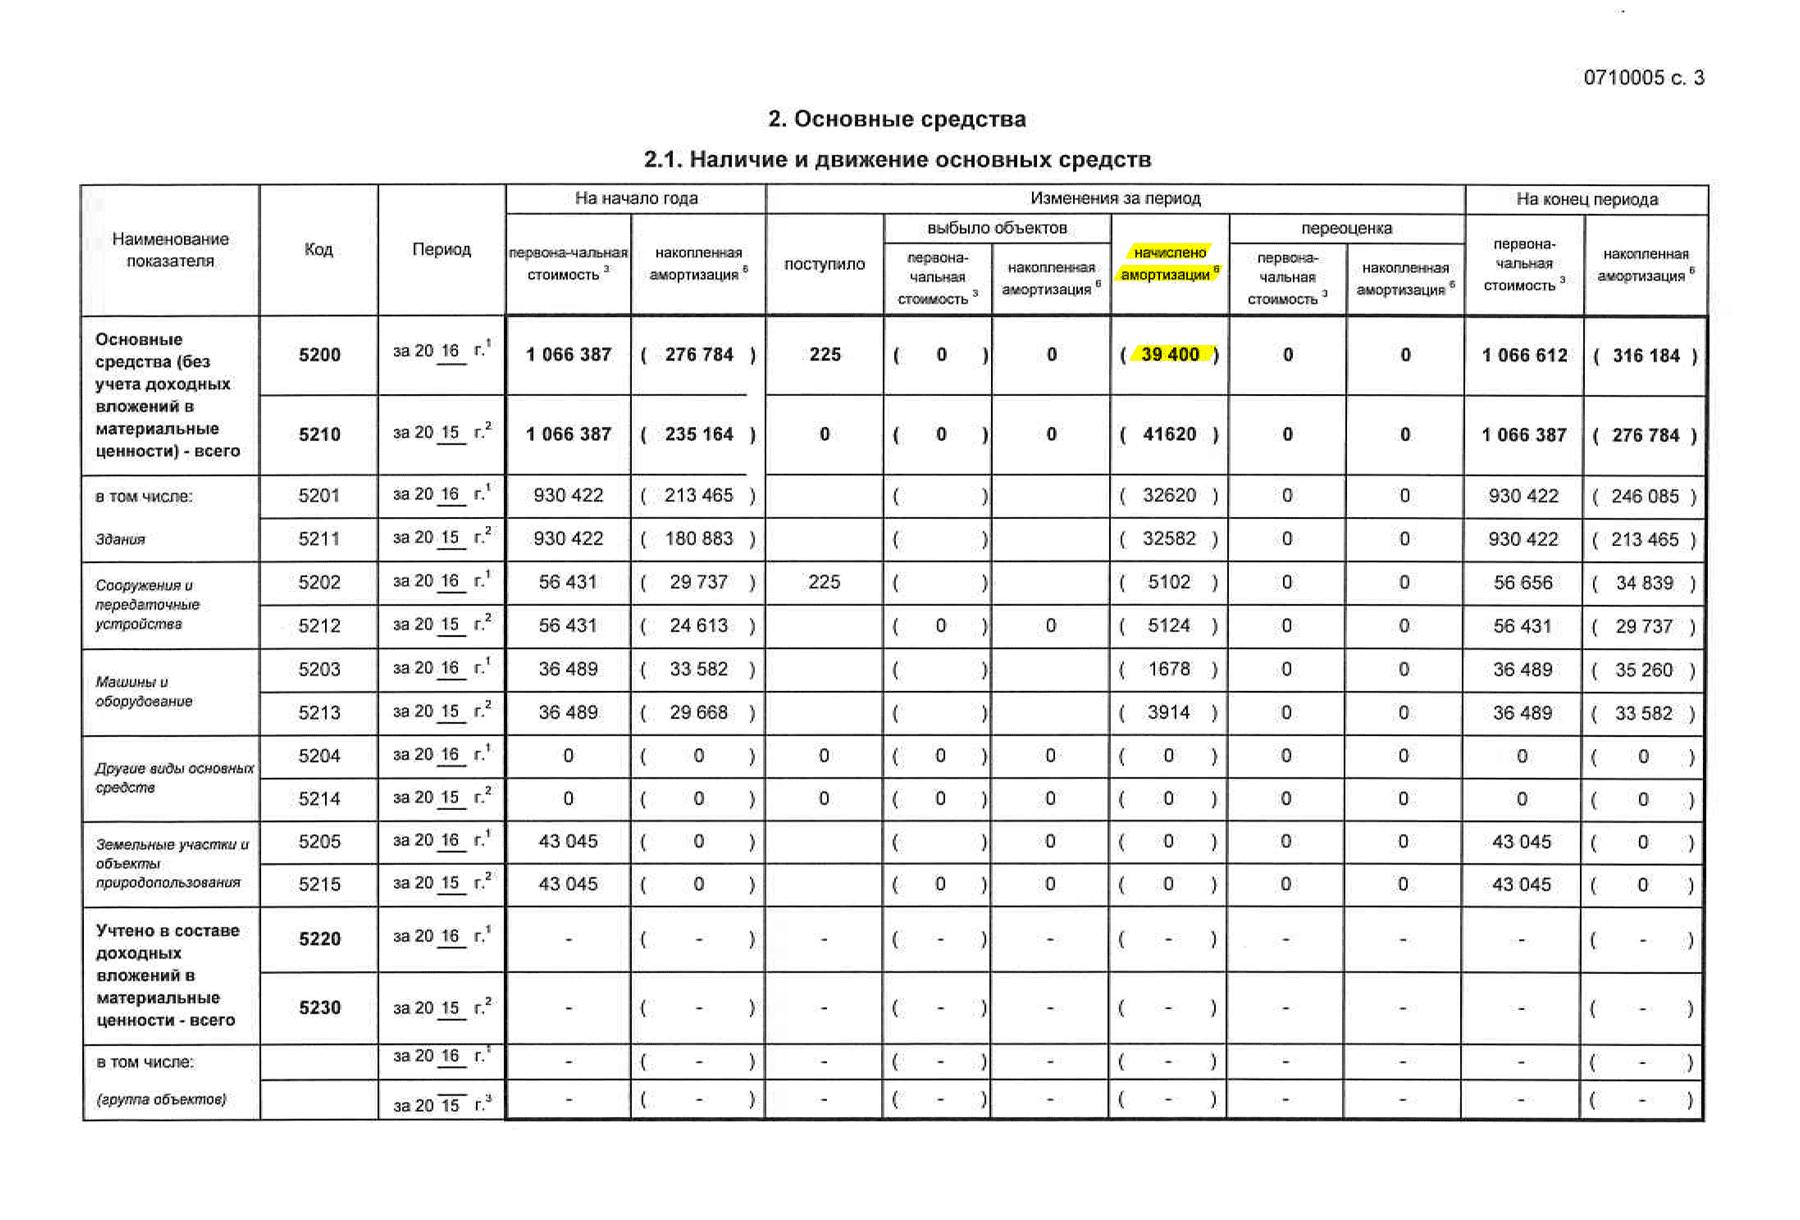 Страница 3 пояснительной записки к отчету «Магнита» по РСБУ